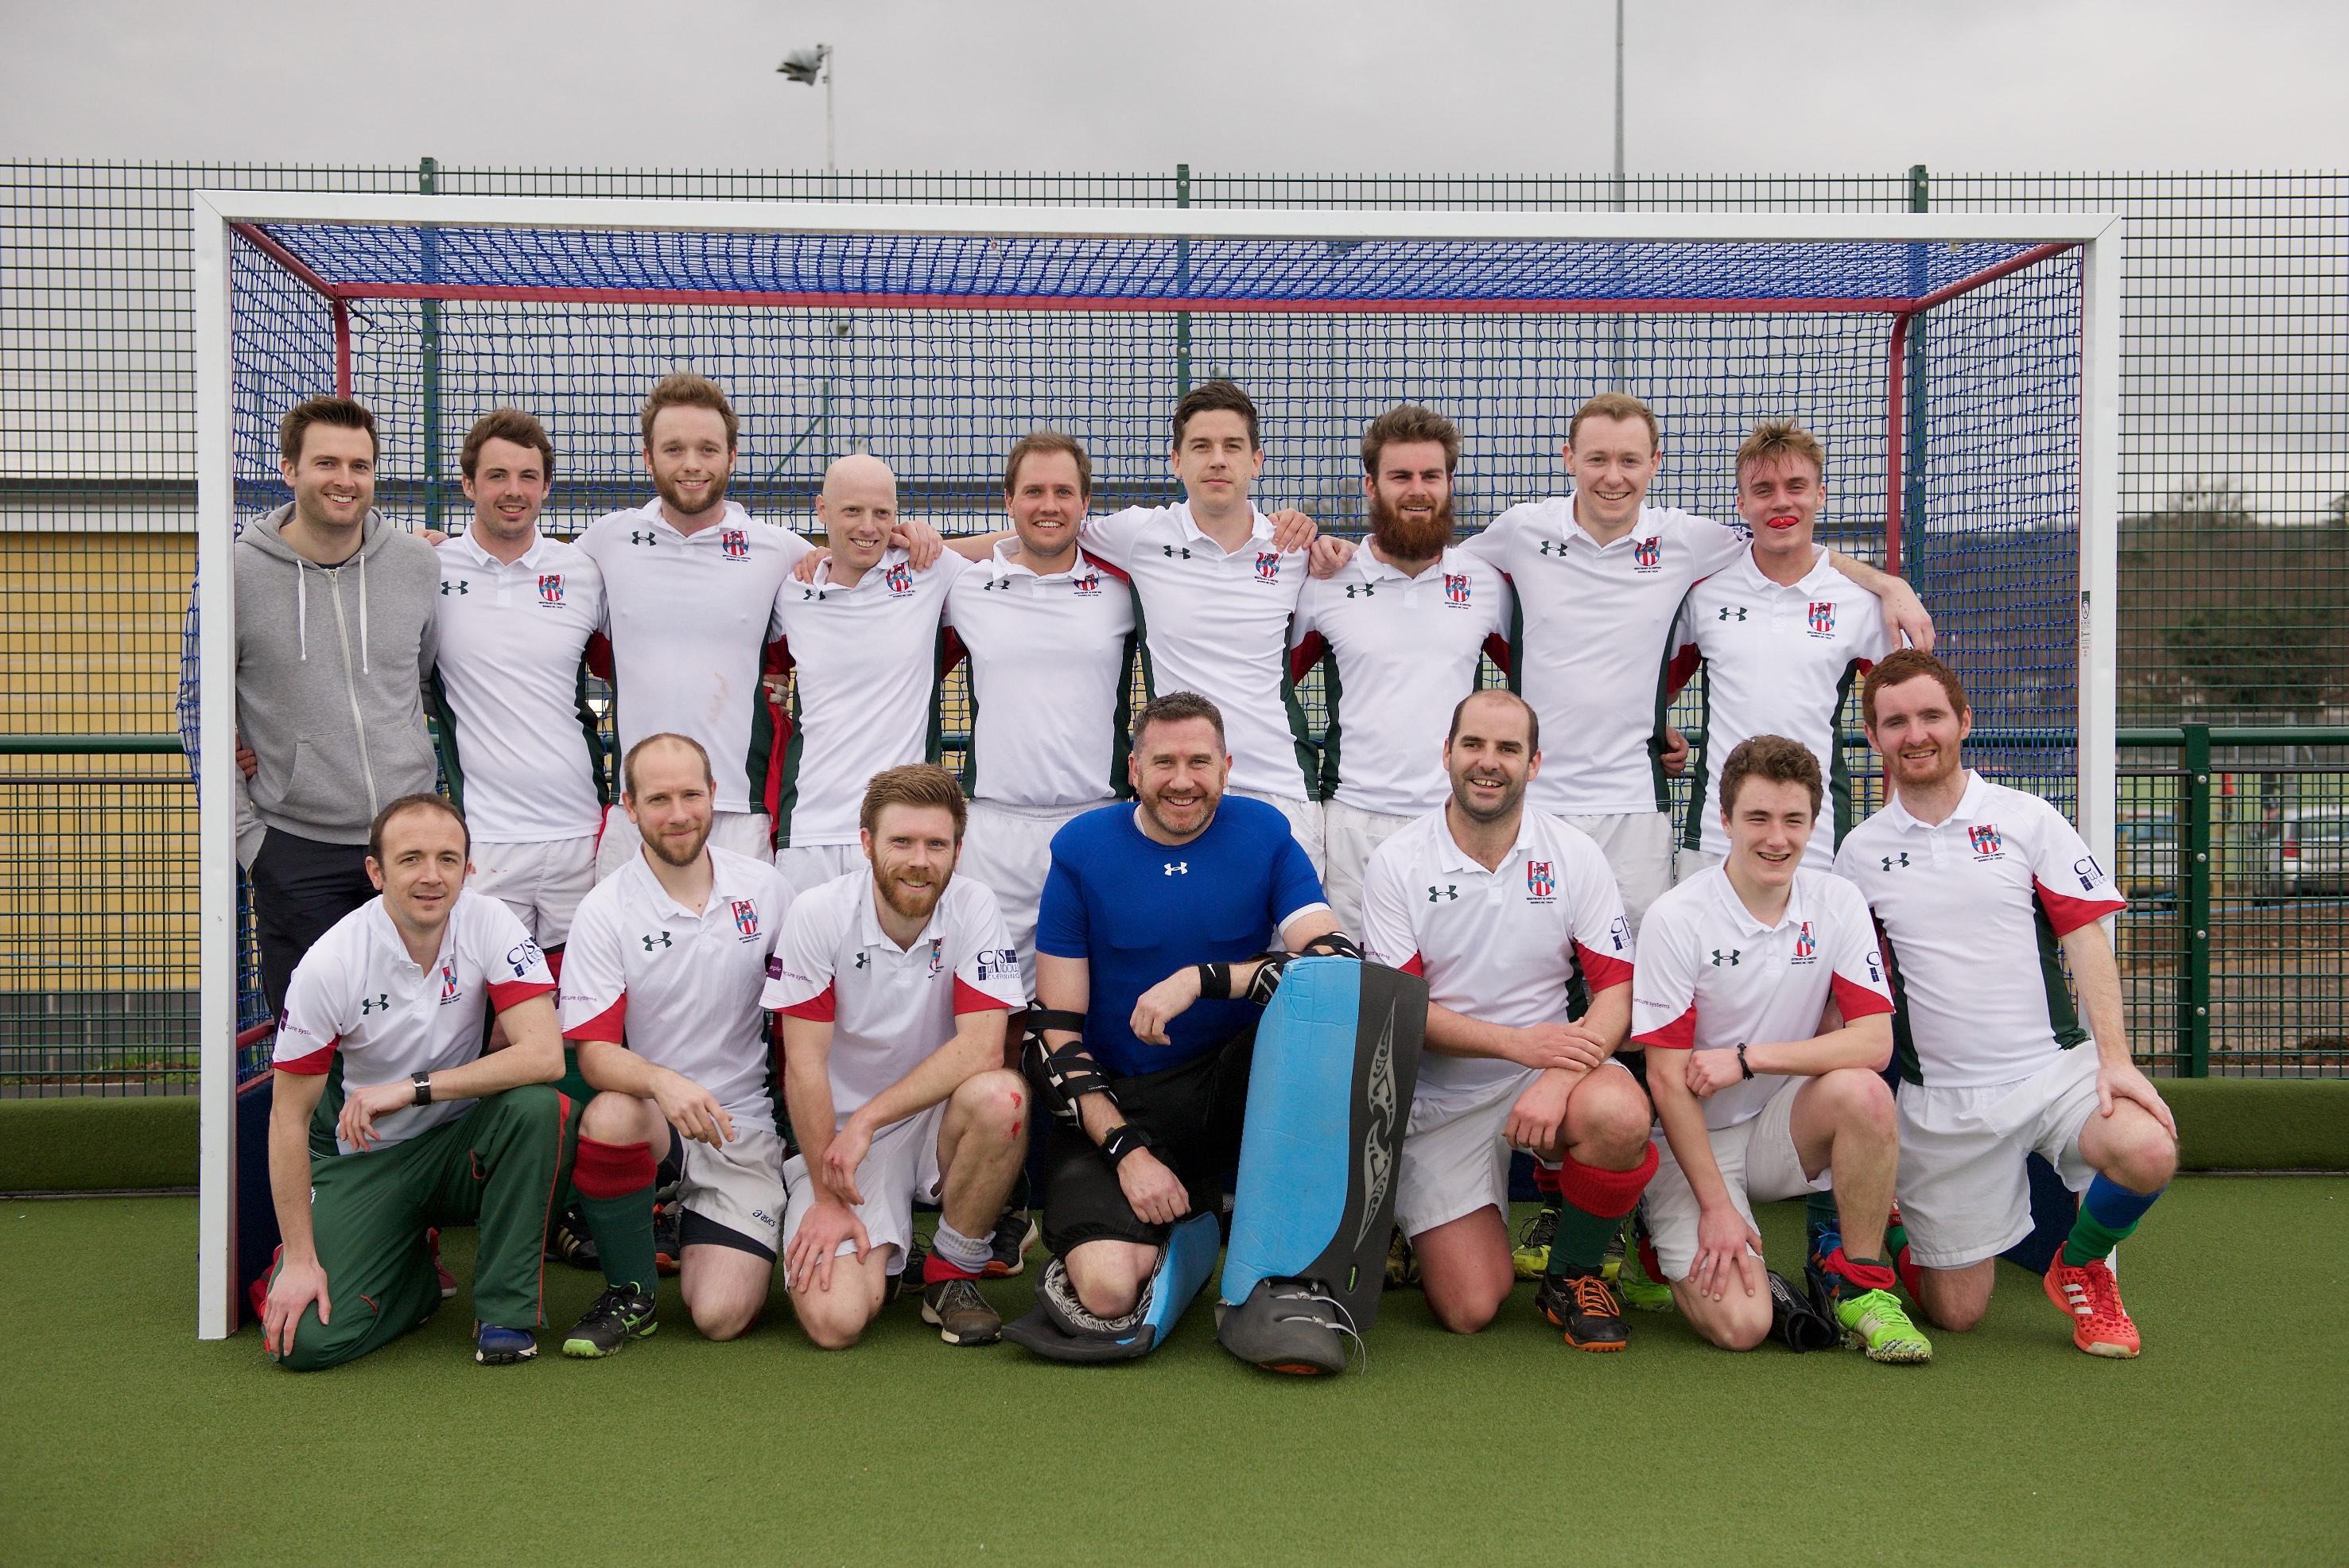 Westbury Hockey Club in Bristol